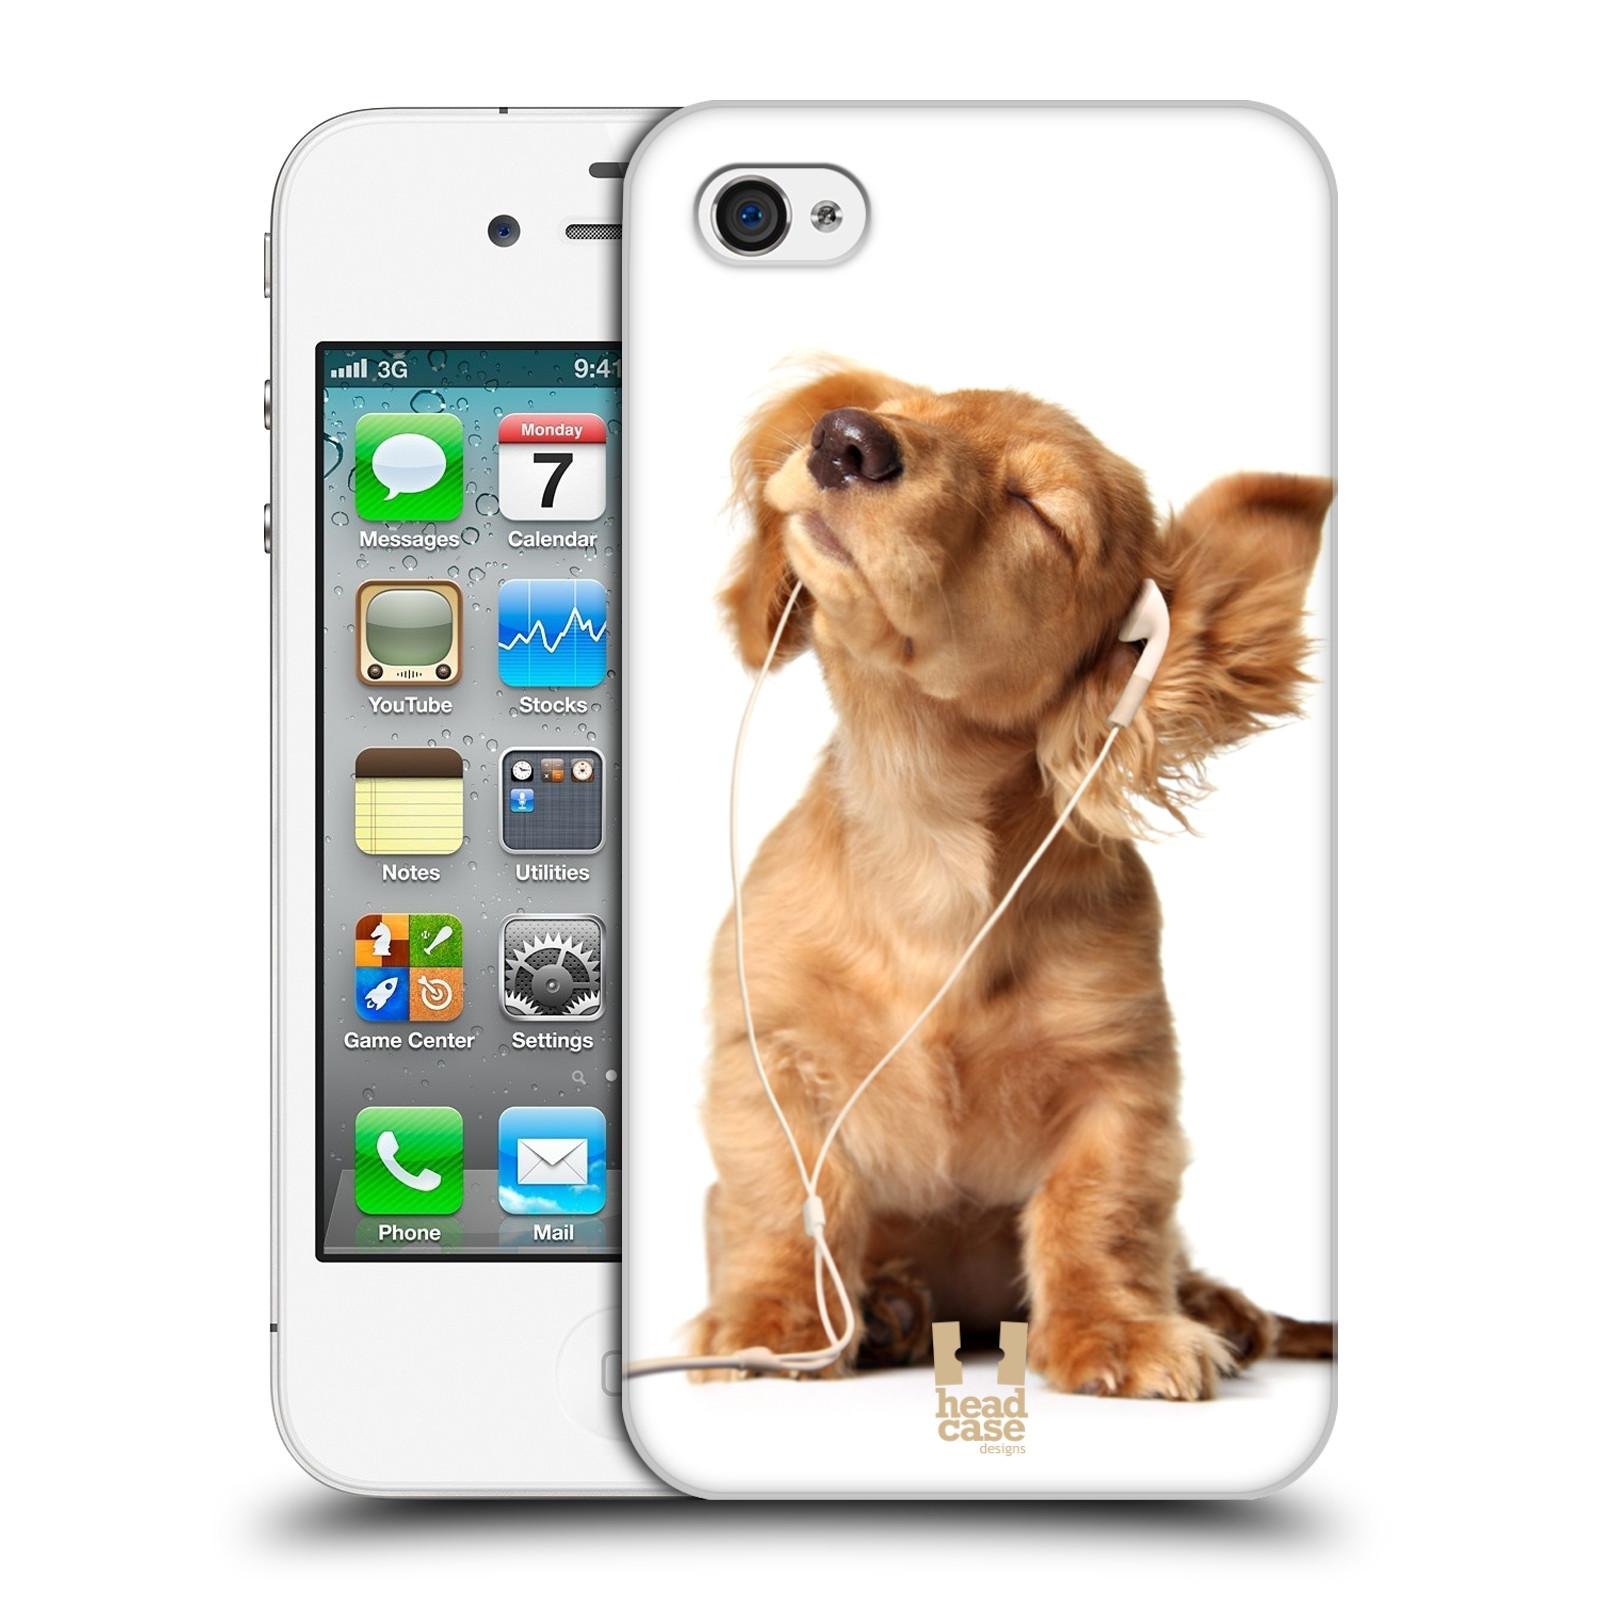 HEAD CASE plastový obal na mobil Apple Iphone 4/4S vzor Legrační zvířátka roztomilé štěňátko se sluchátky MUSIC